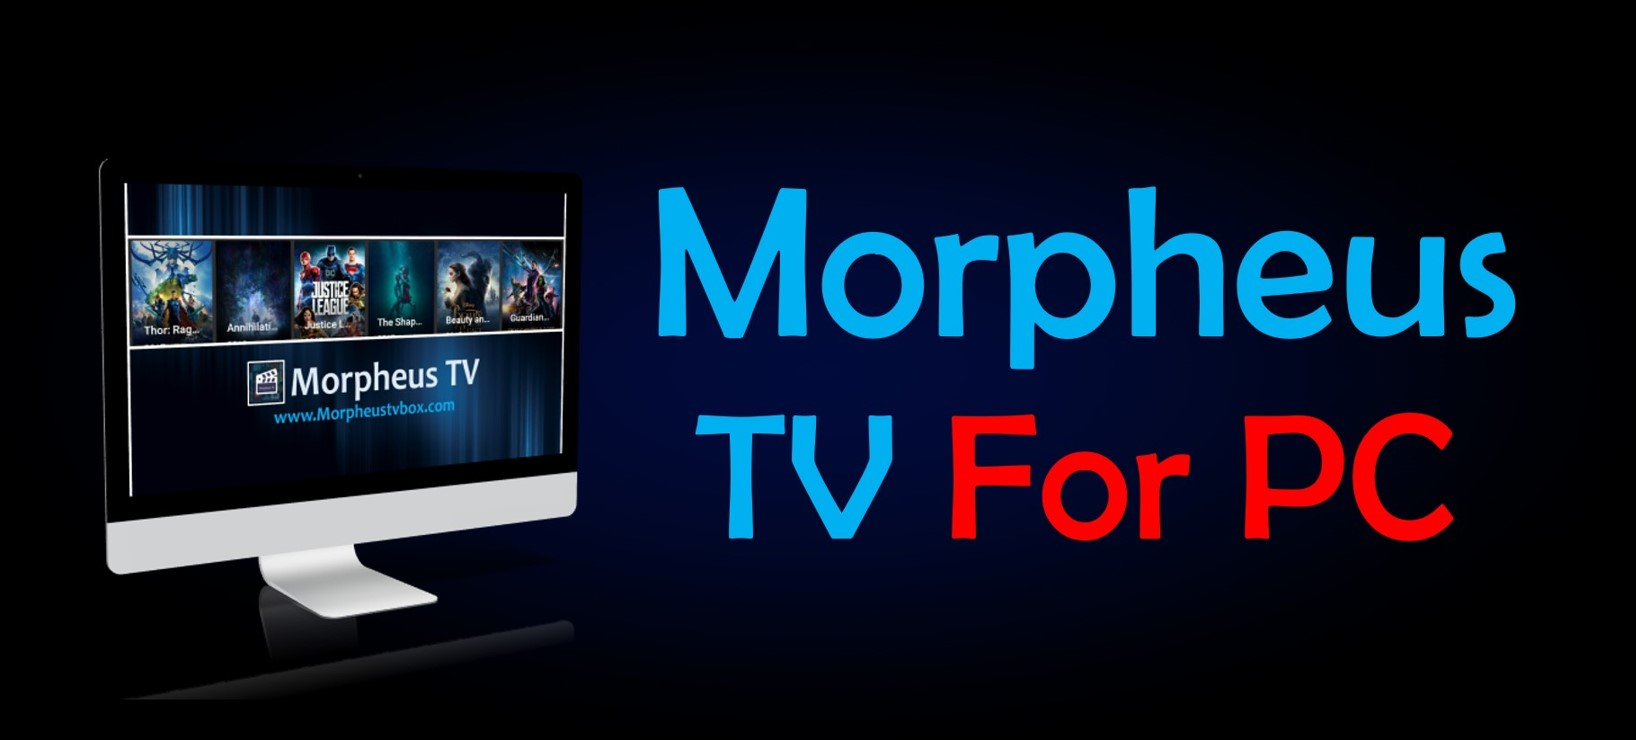 morpheus tv for pc